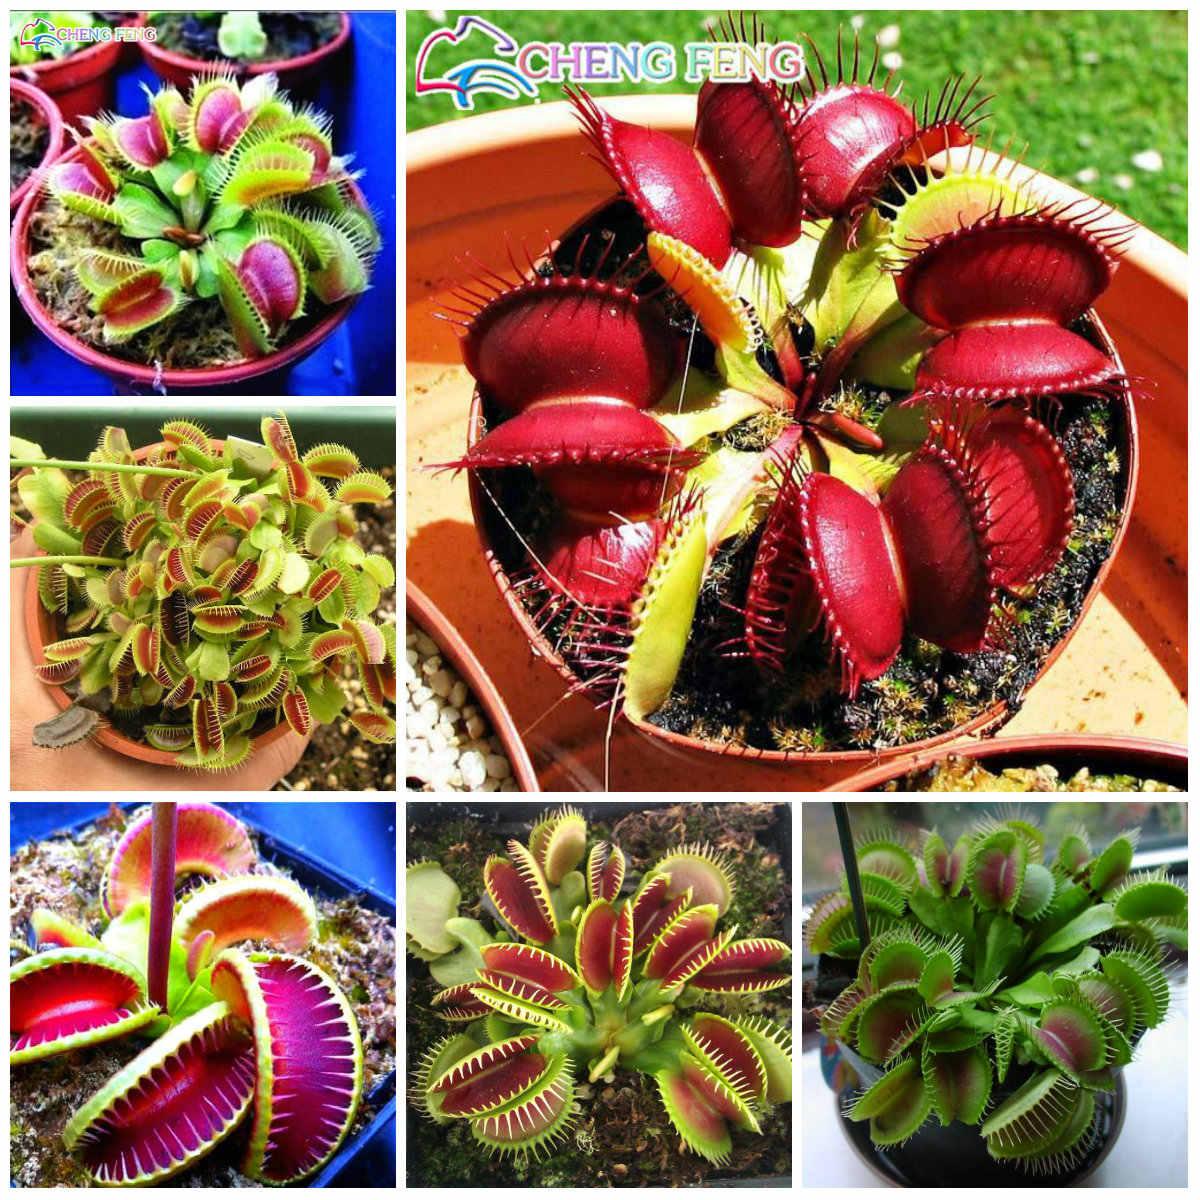 50 قطعة مزروع الحشرات Dionaea Muscipula العملاق كليب صائدة الذباب بونساي نبات لاحم ديكور حديقة المنزل